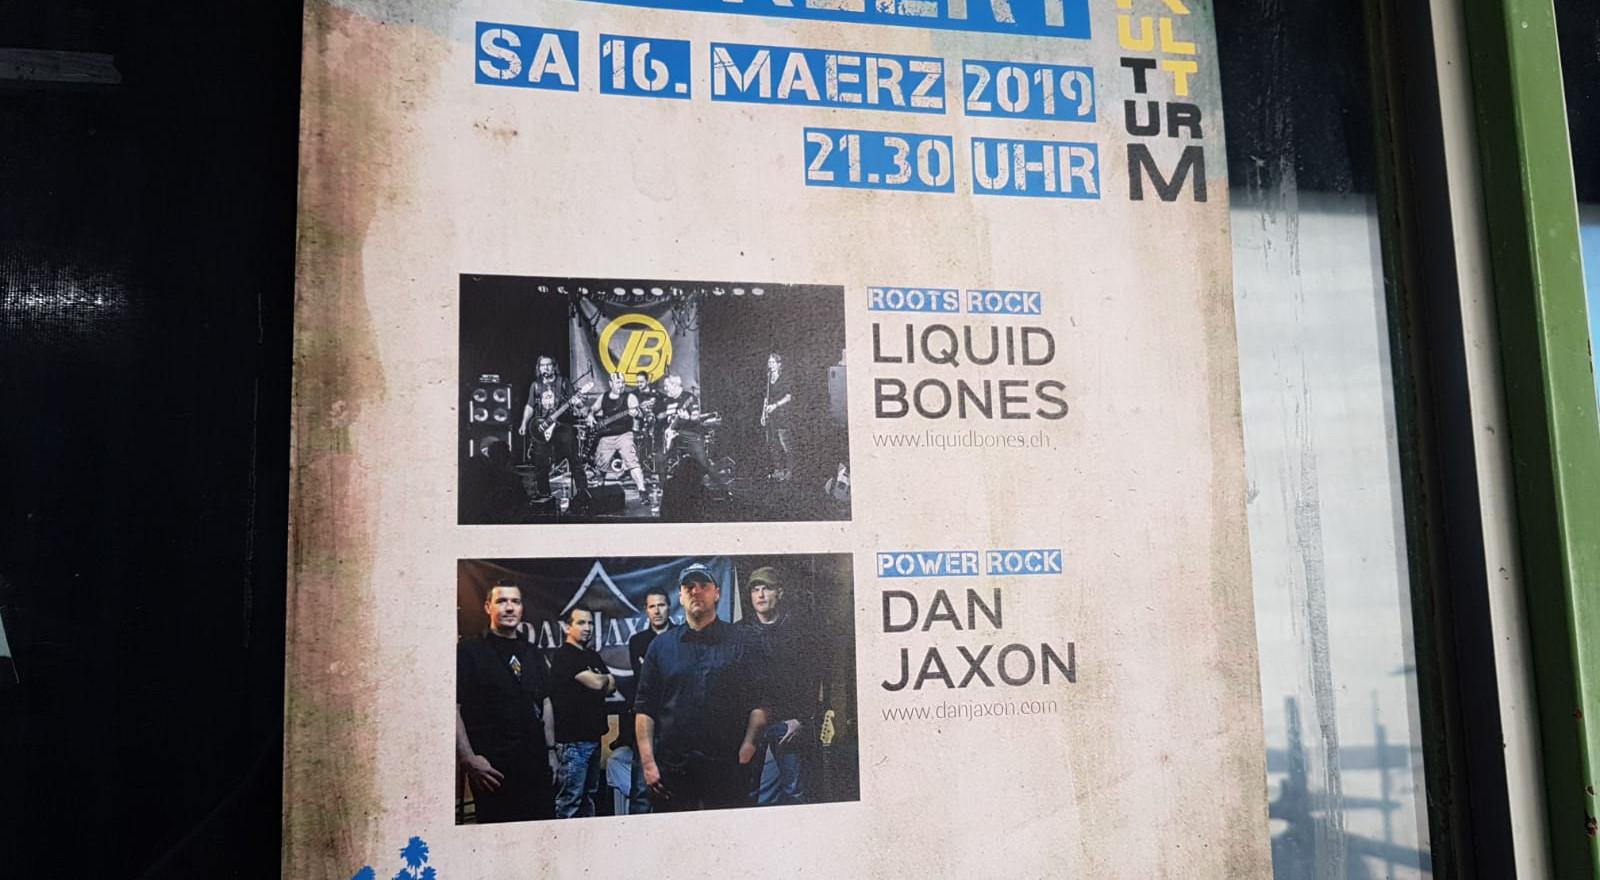 Kult Turm, Brunnen  / 16.03.2019